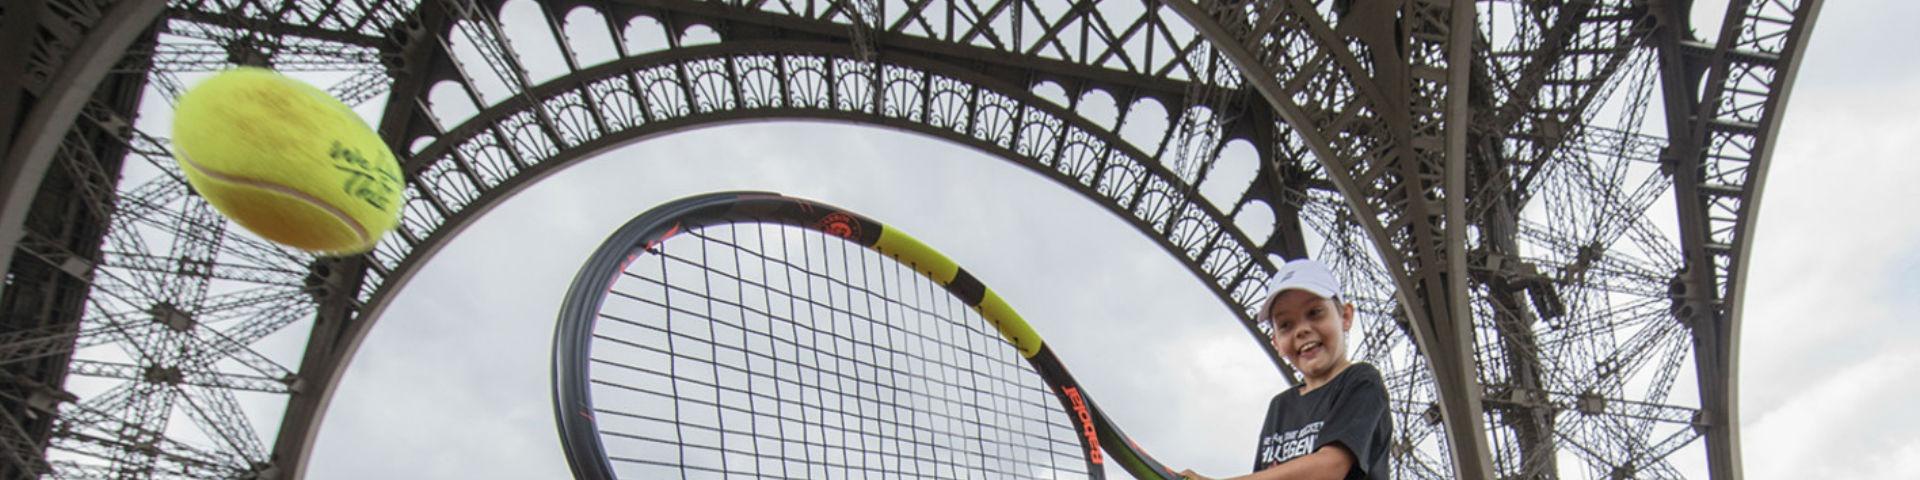 БК BingoBoom: путевка в Париж и другие призы за ставки на теннис